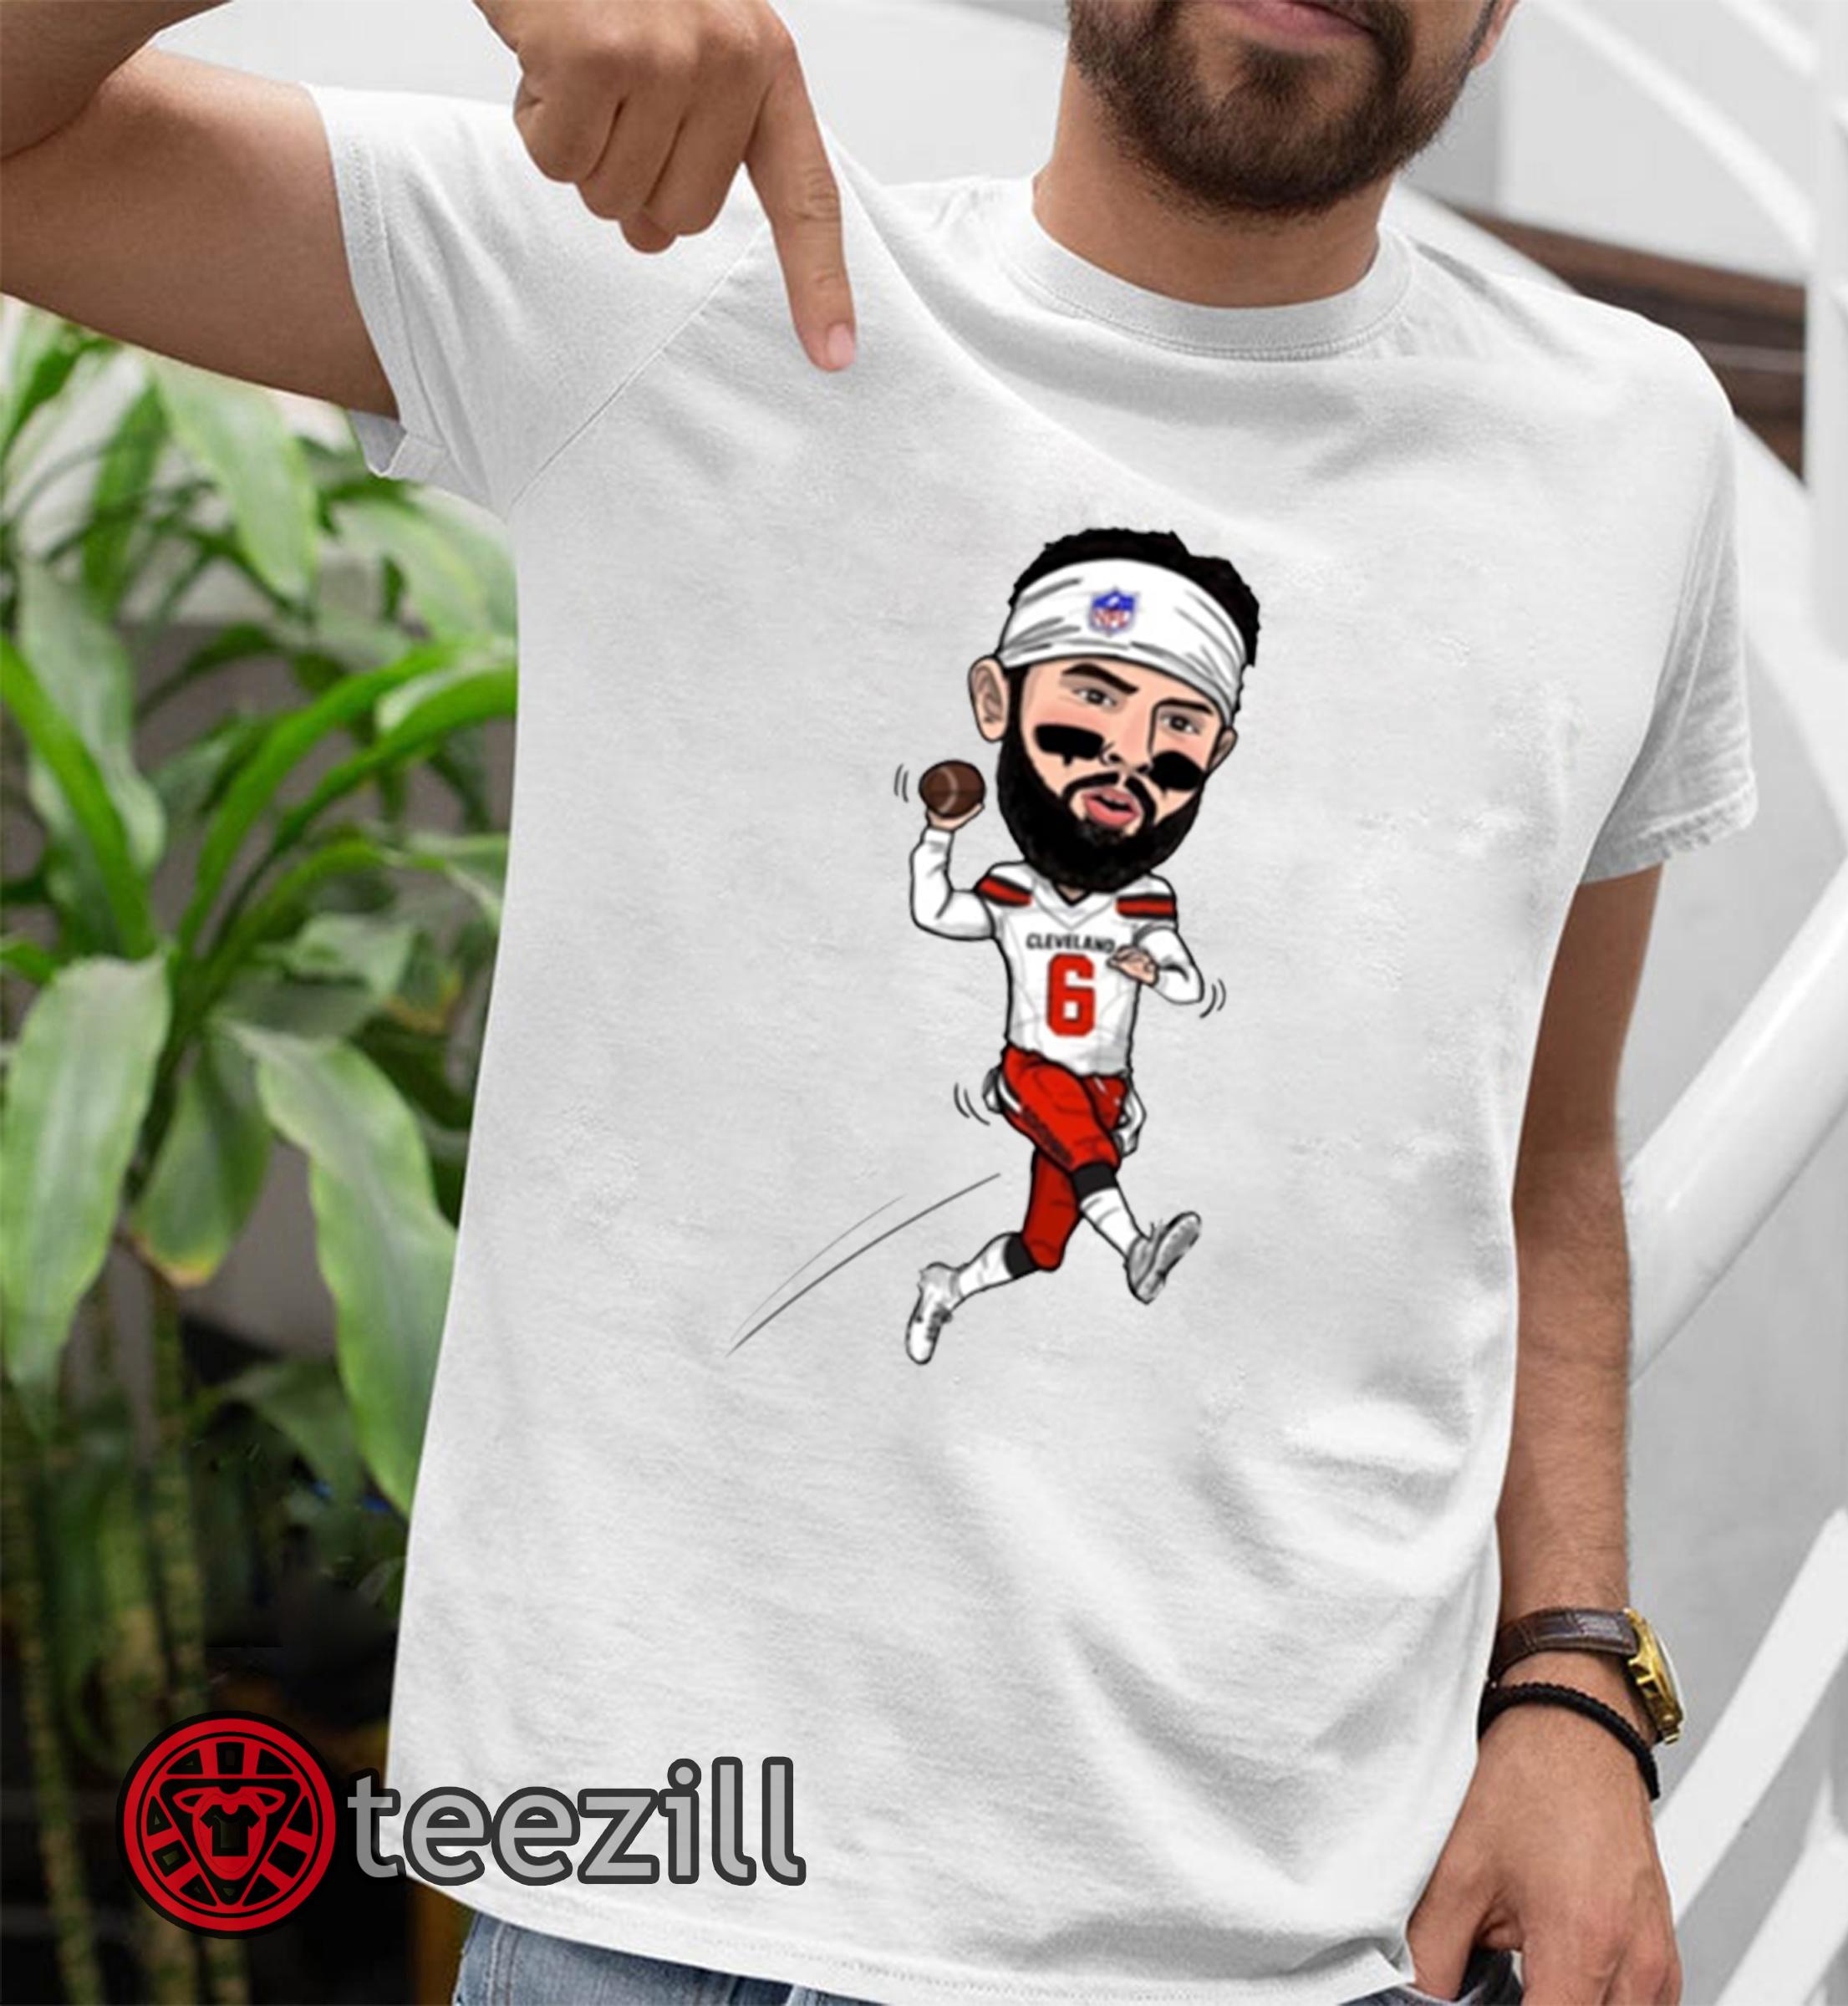 newest 2dd3d cf427 Baker Mayfield Cleveland Browns Shirt